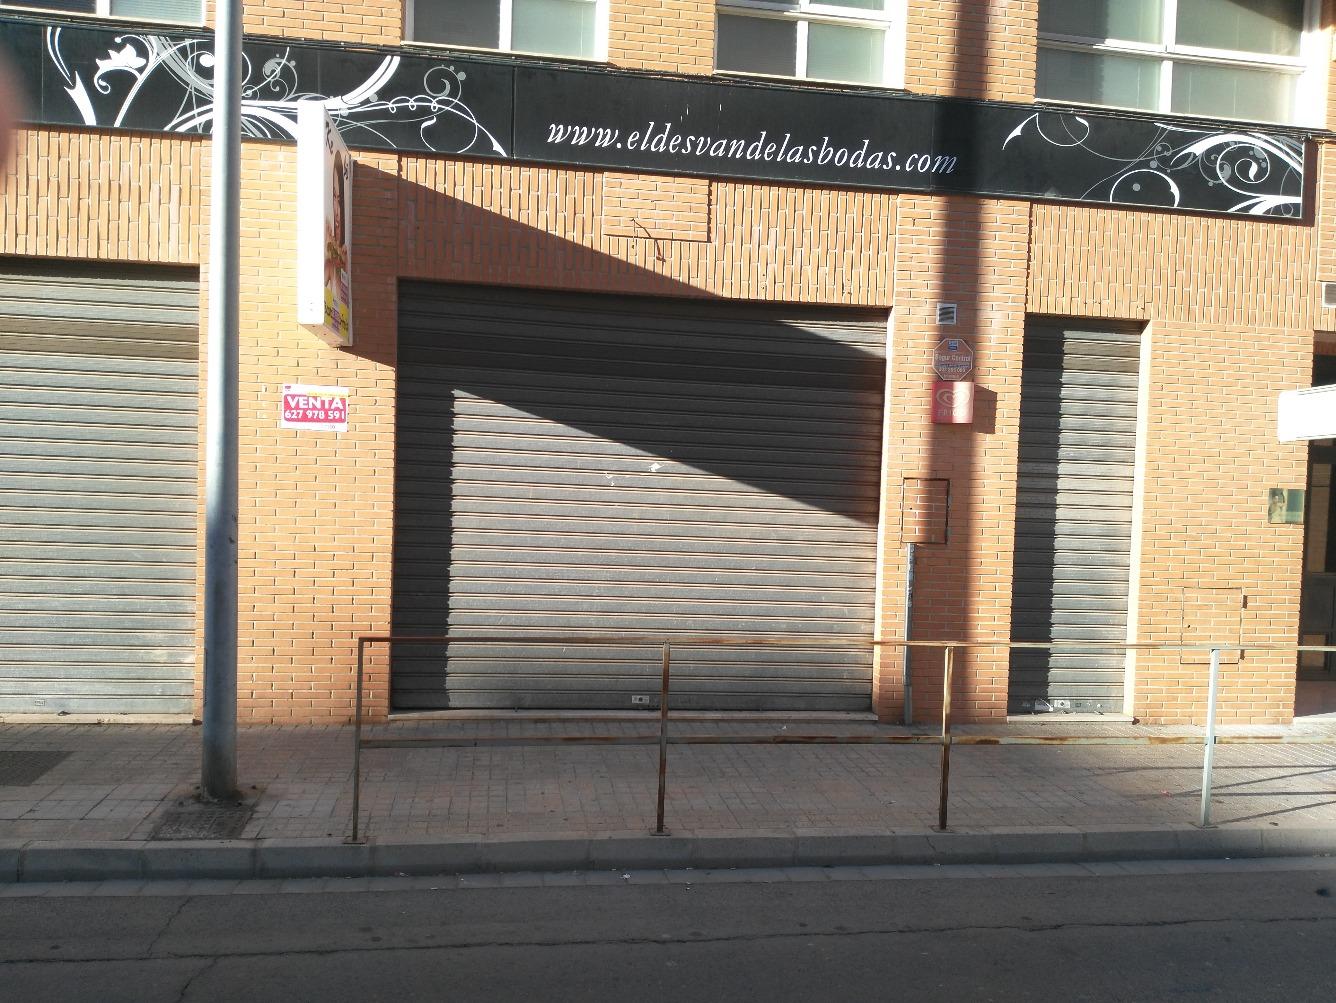 Local - Almacén en Avenida CASTELLON